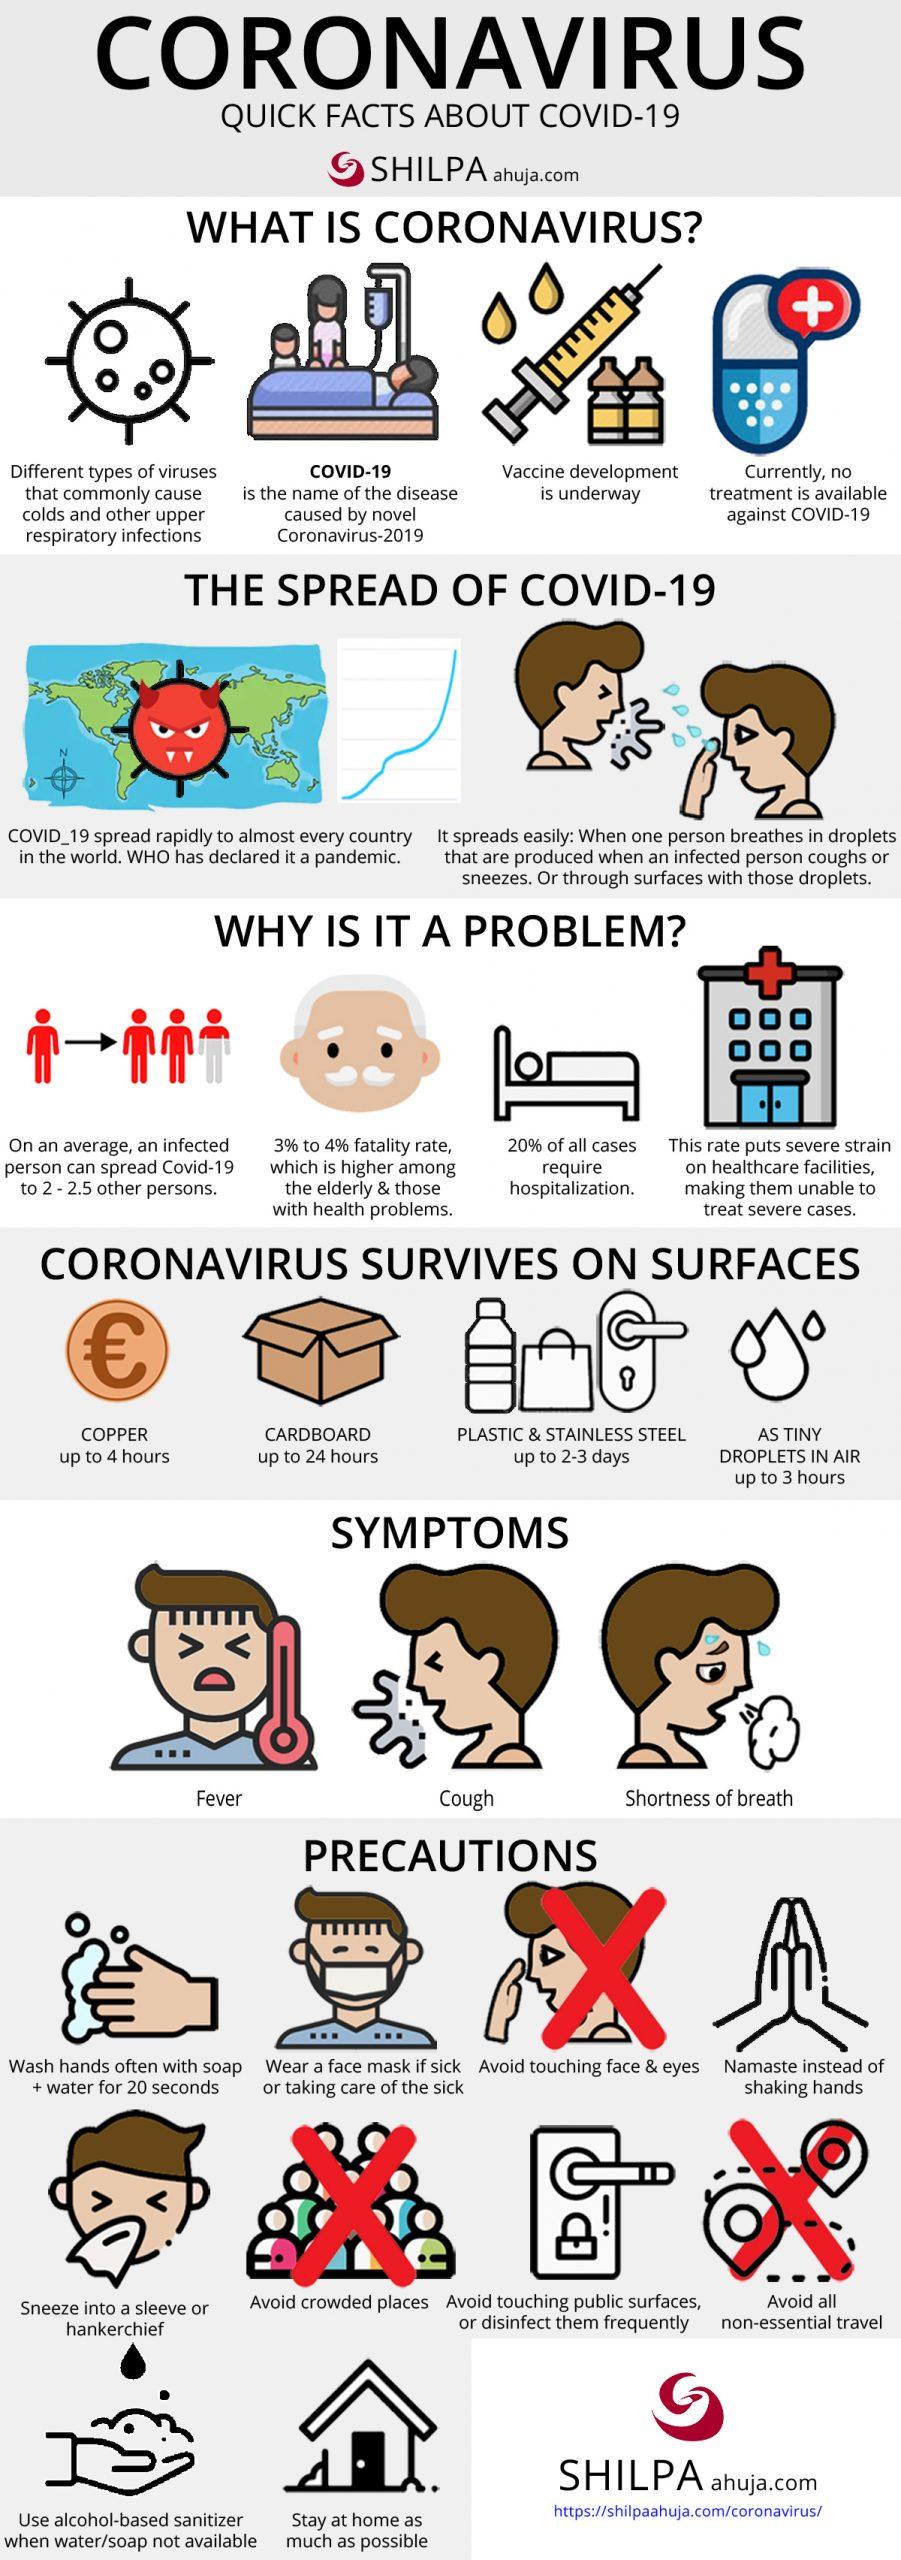 Coronavirus Disease: COVID-19